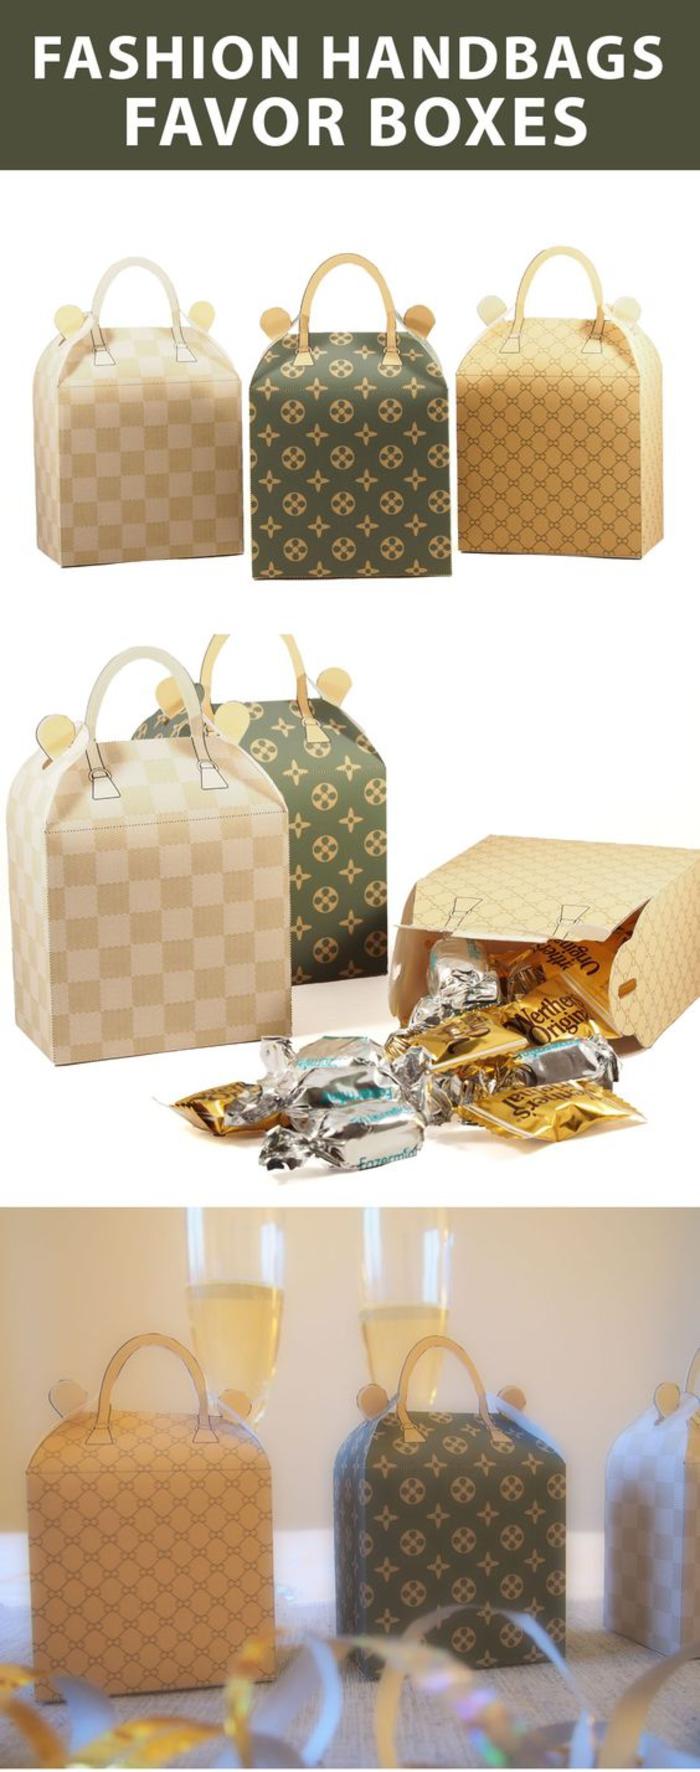 geschenke fuer die gaeste, hochzeit, verpackung, koffer, schachtel mit bonbons